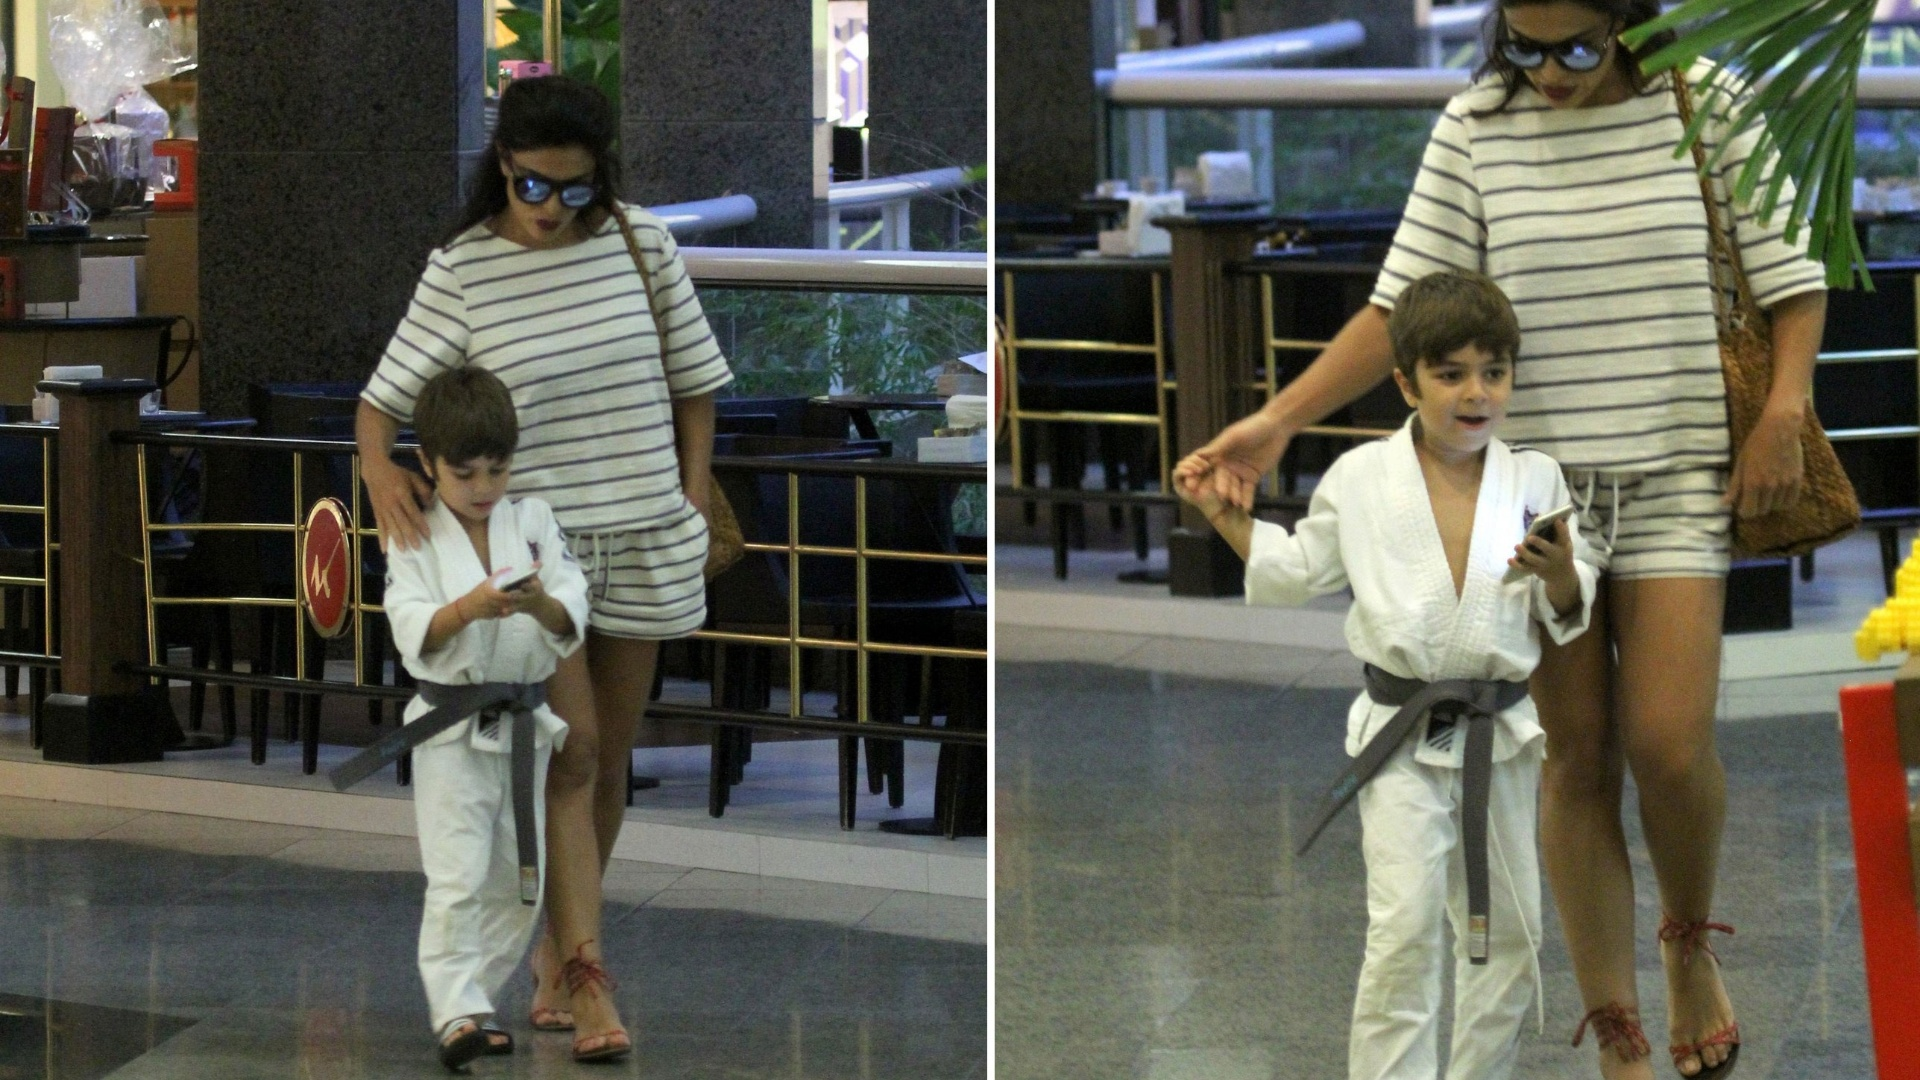 14.mar.2016 - Juliana Paes acompanha o filho Pedro, que não tira os olhos do celular, em shopping no Rio de Janeiro